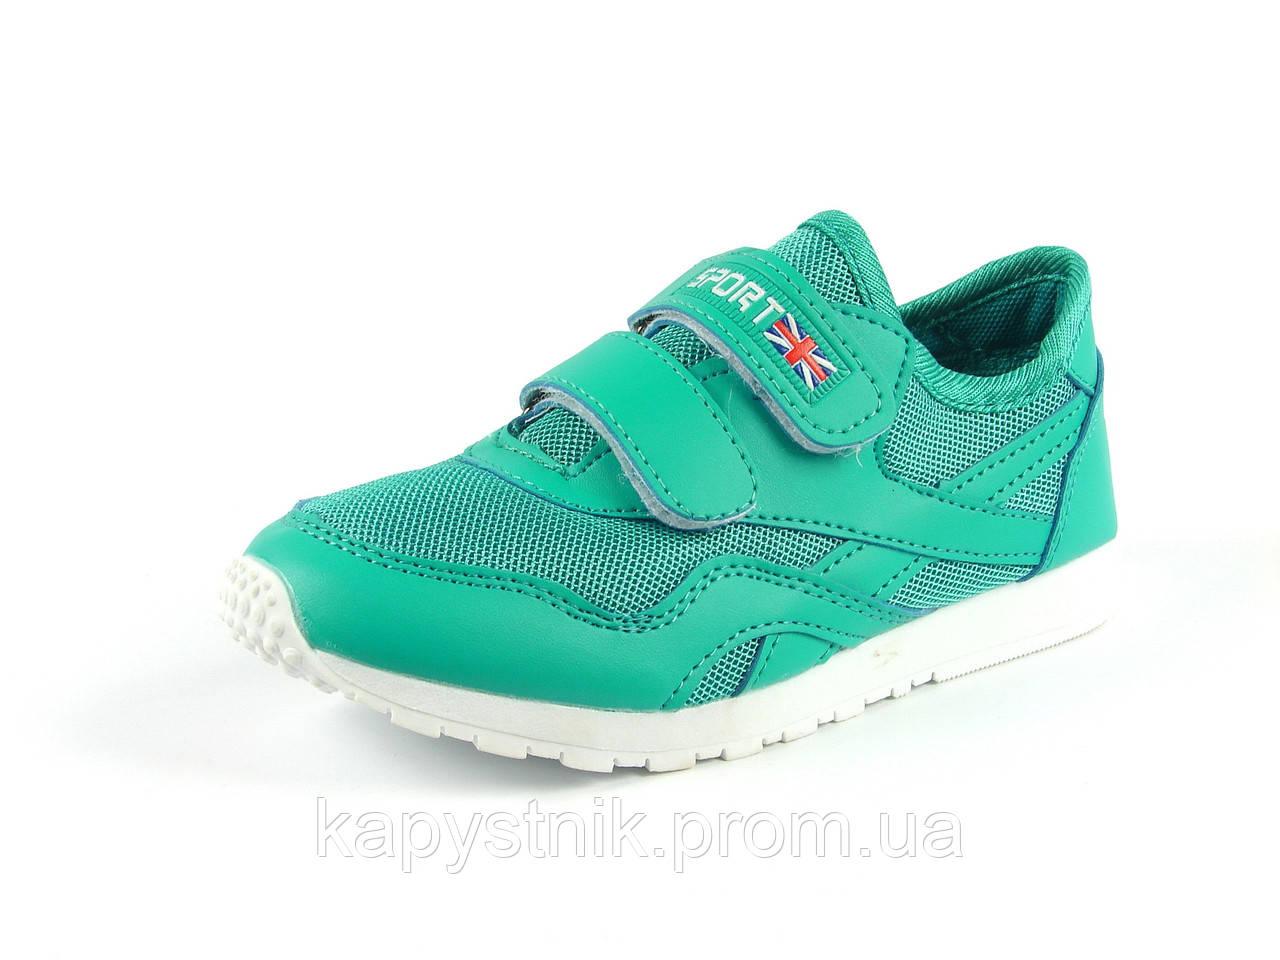 603a89a6f899 Детские кроссовки для мальчика р.31-36 ТМ J G  C5123-15  продажа ...